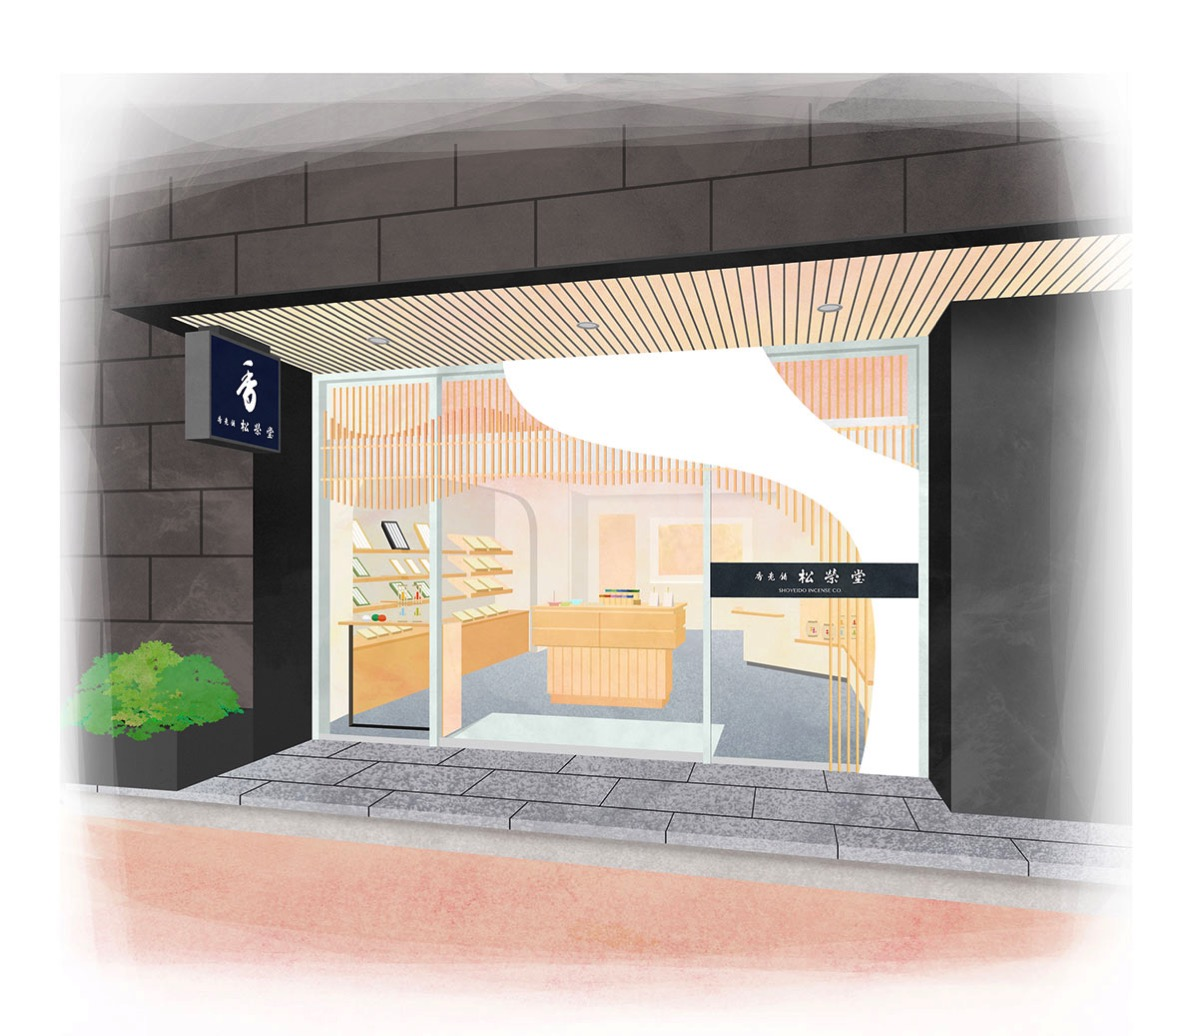 香老舗 松栄堂 横浜駅西口に神奈川初の直営店オープン!近沢レース店とコラボの匂い袋も